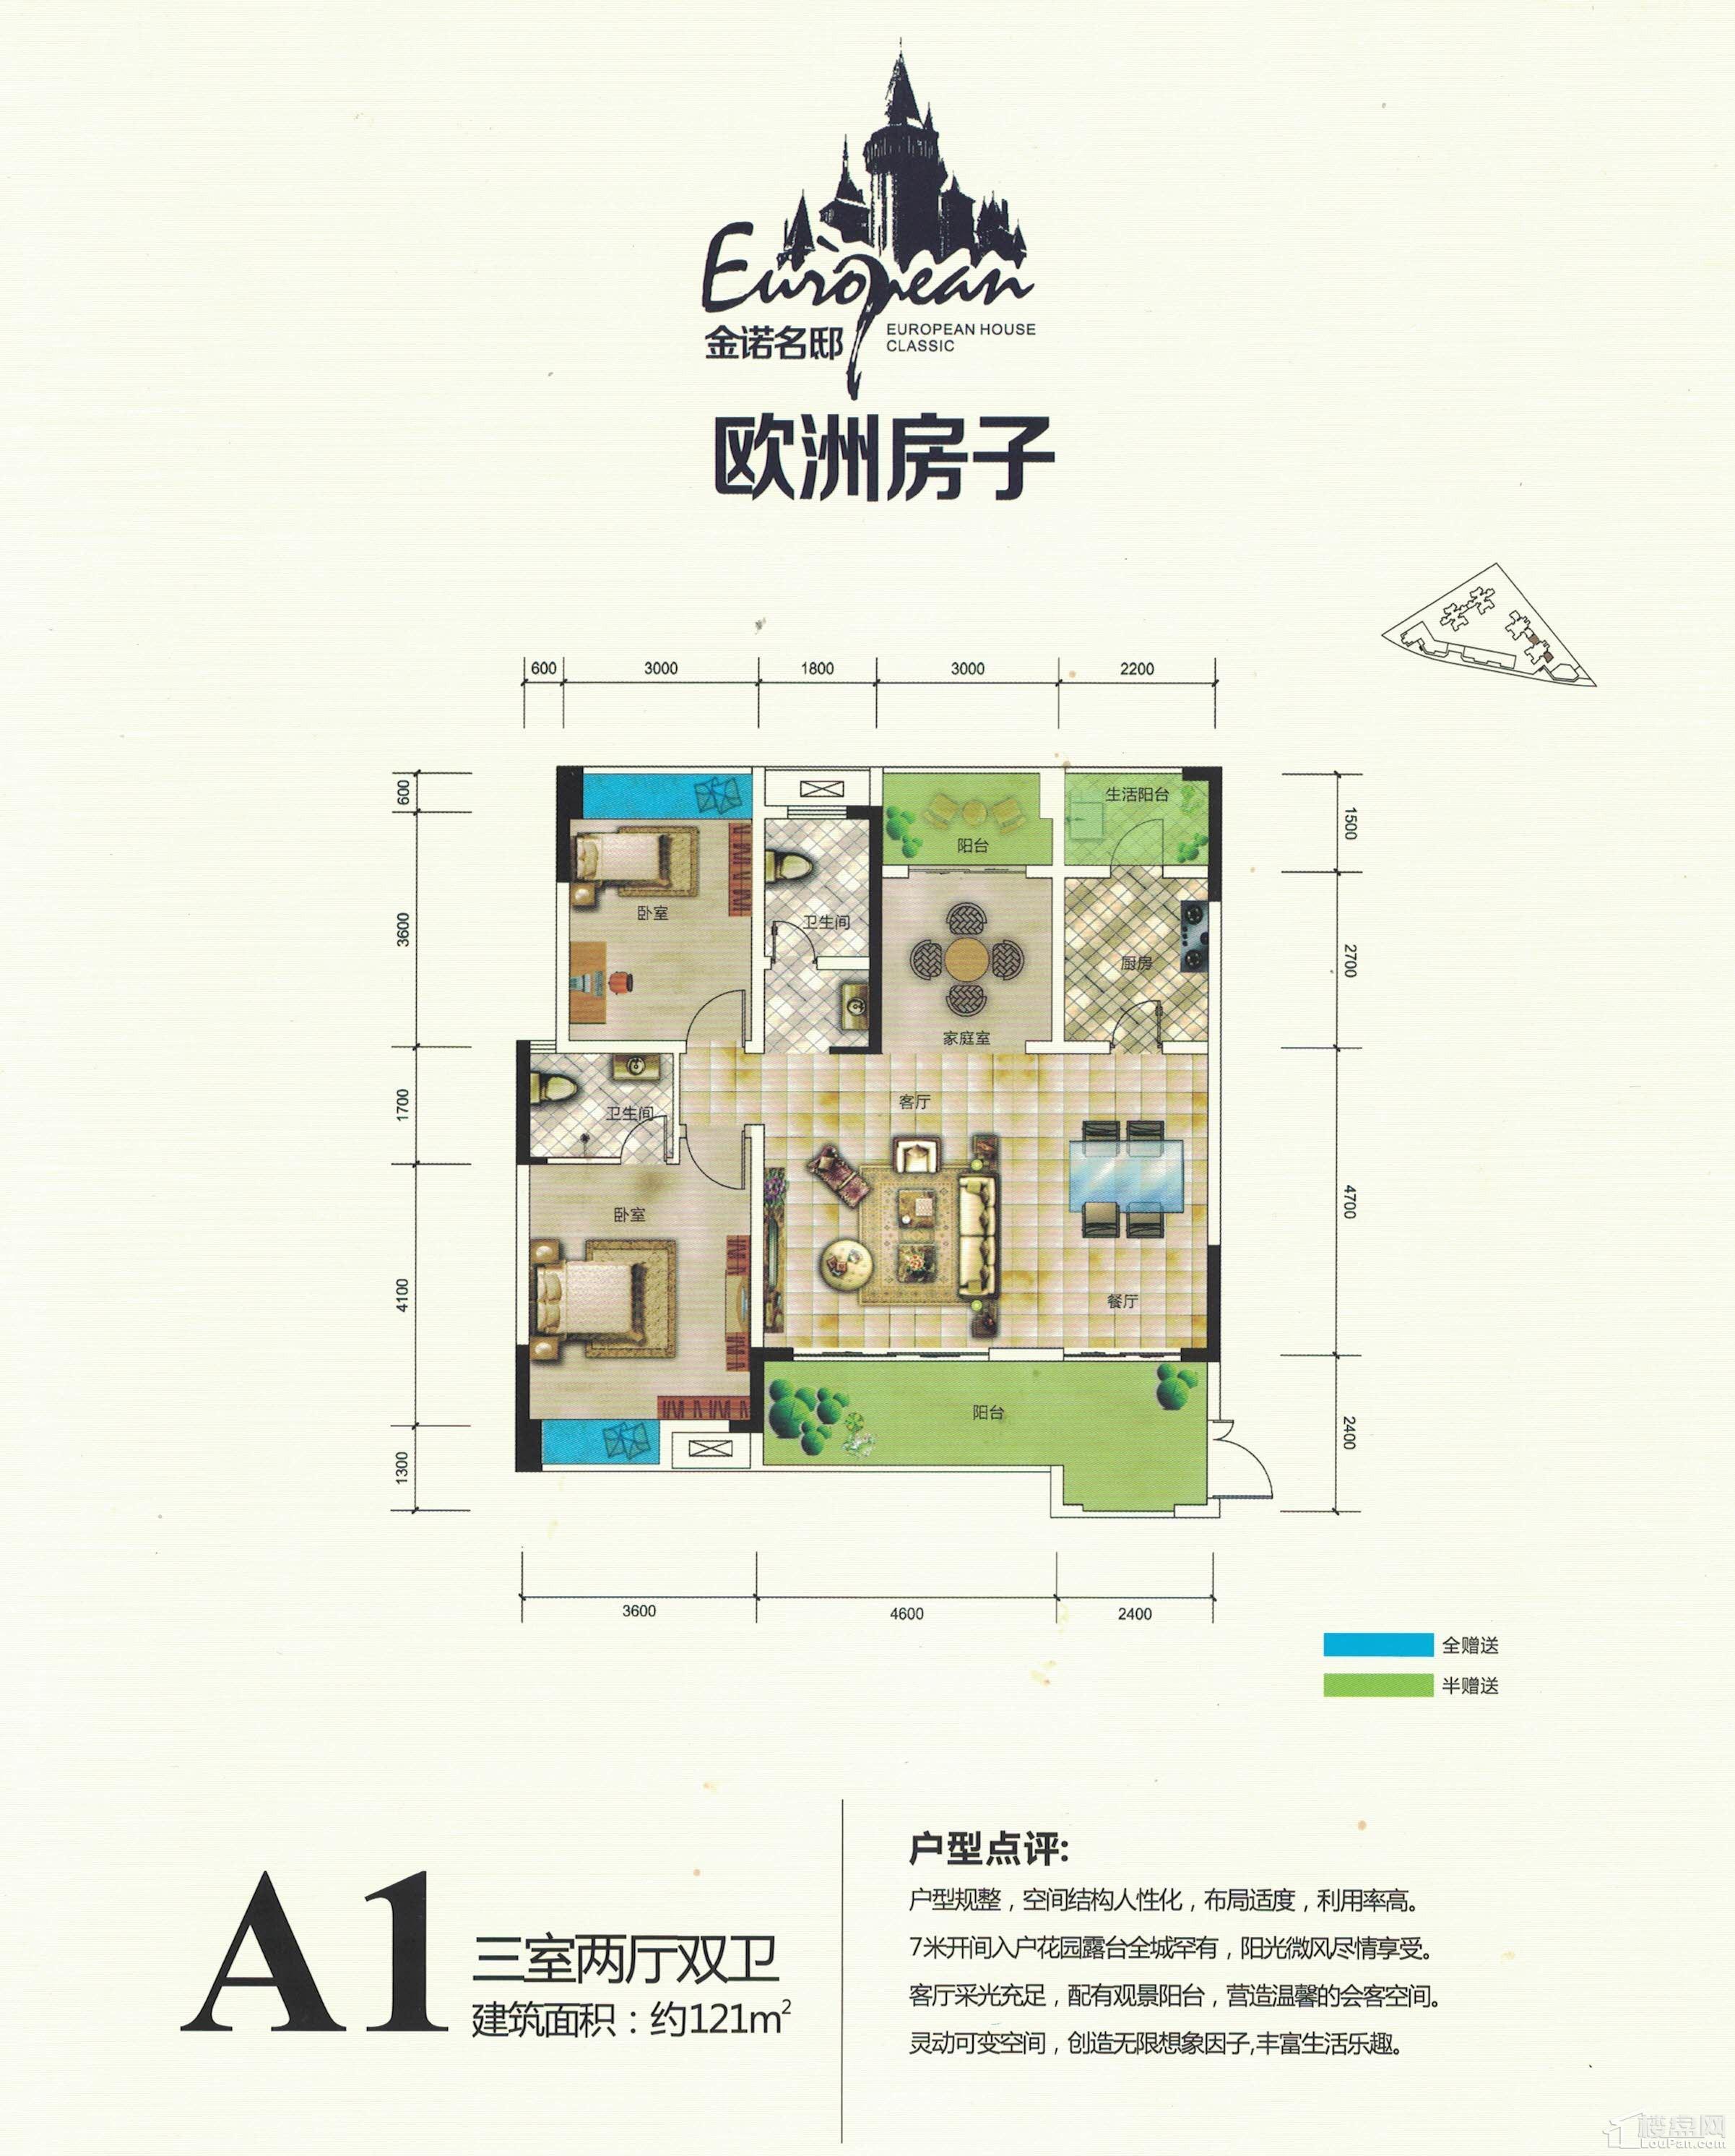 欧洲房子户型A1